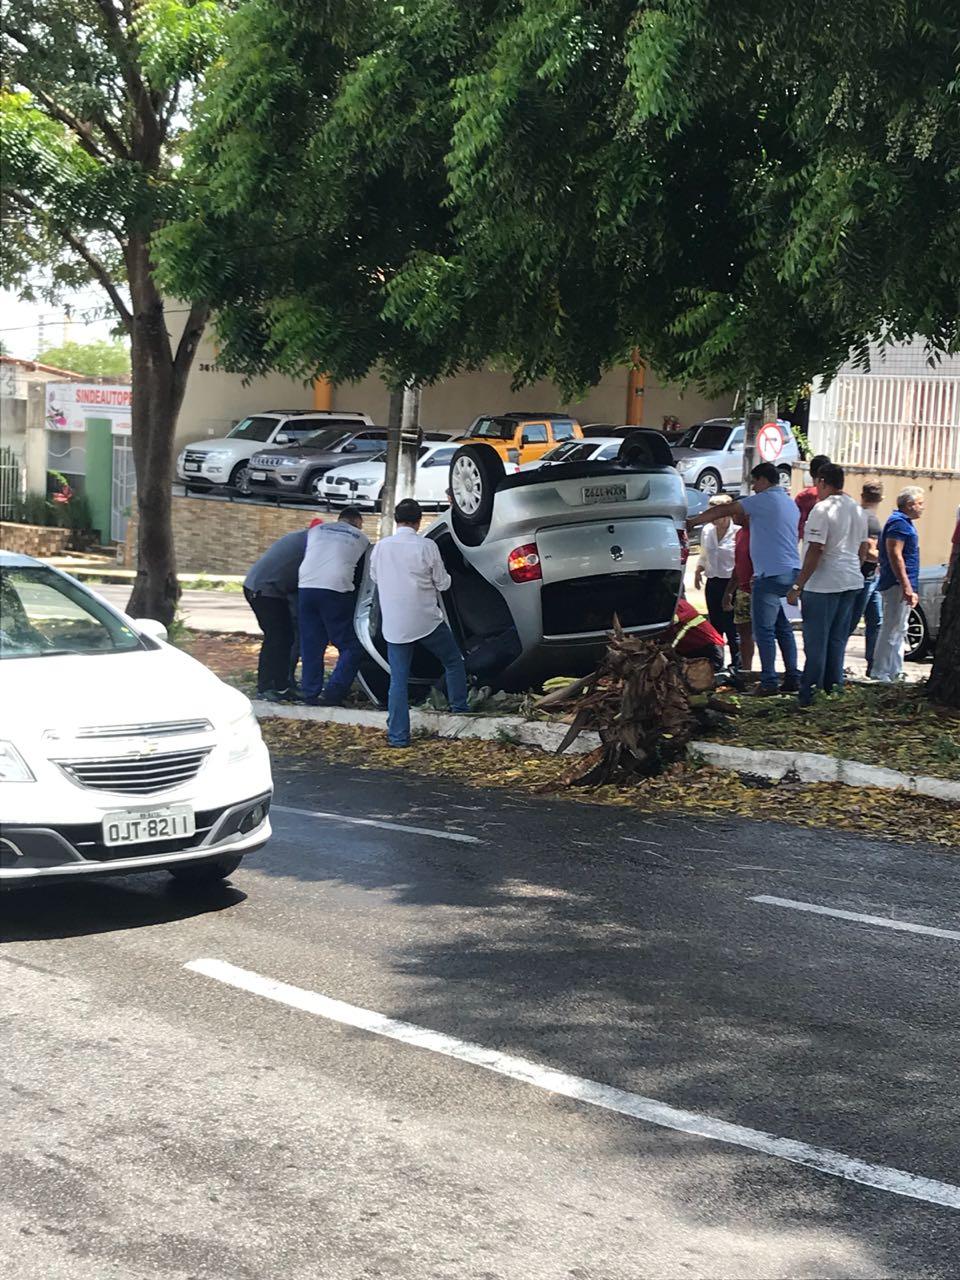 FOTO: Capotamento é registrado na Alexandrino de Alencar na manhã desta terça